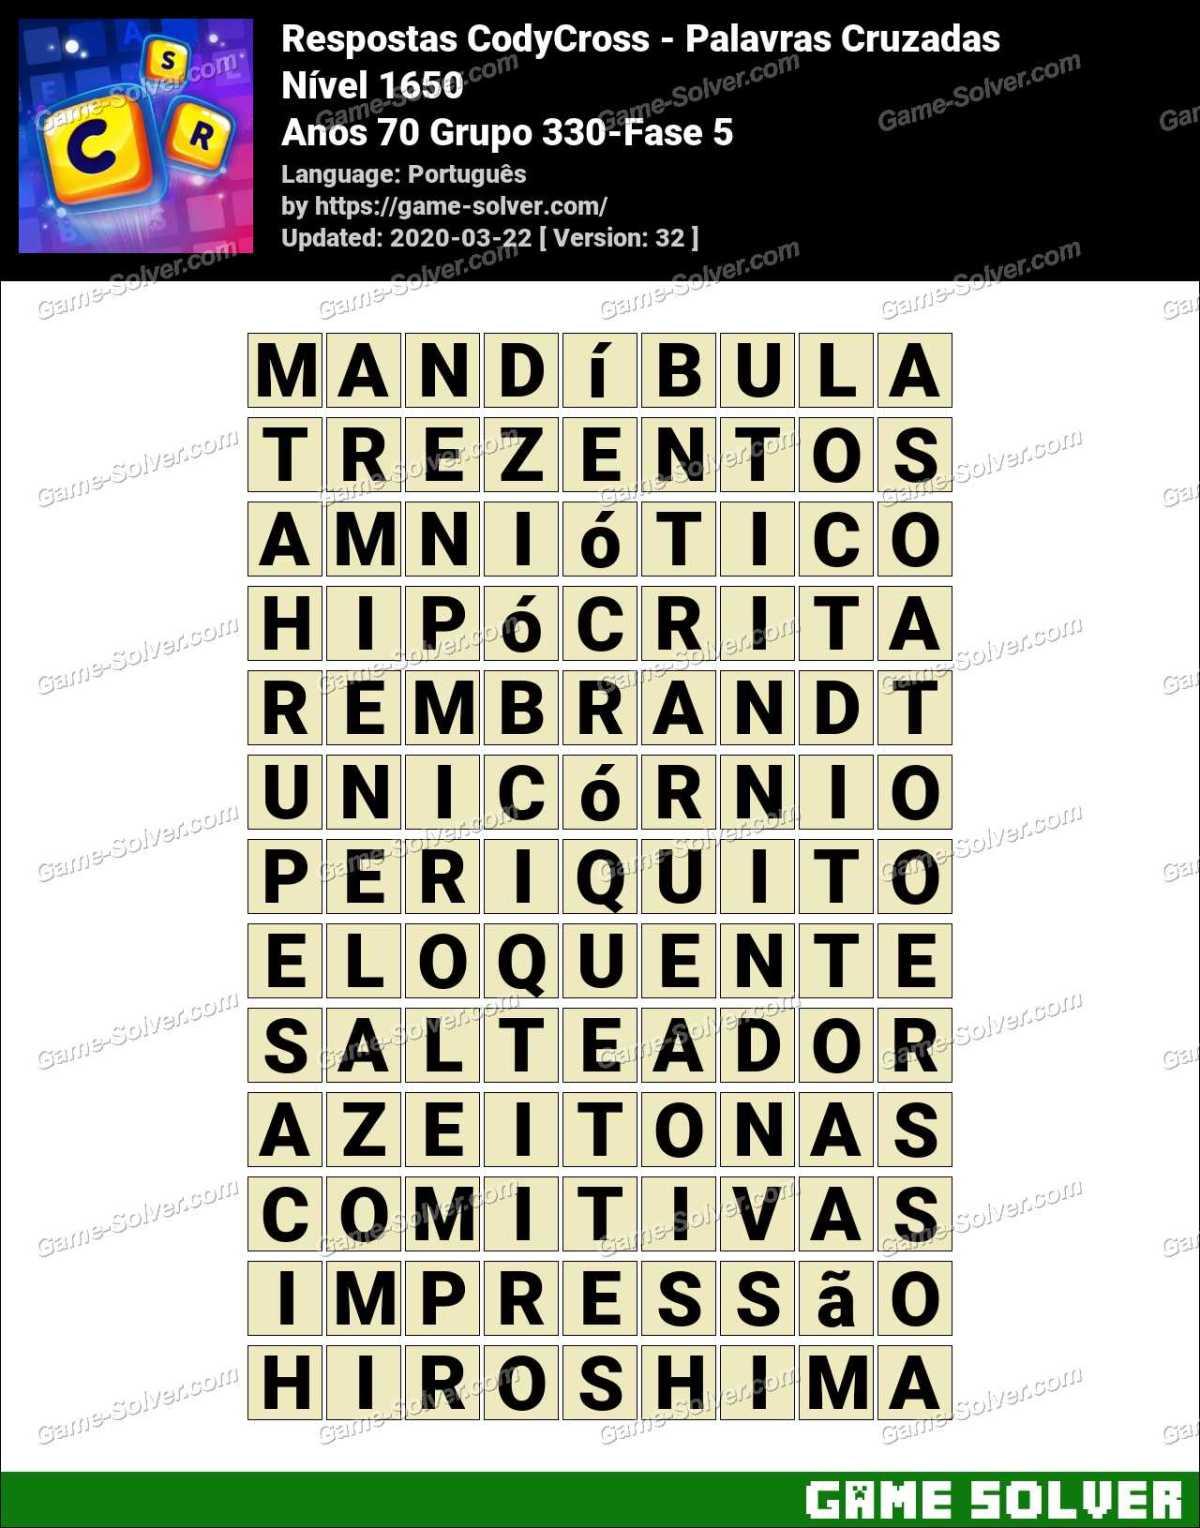 Respostas CodyCross Anos 70 Grupo 330-Fase 5